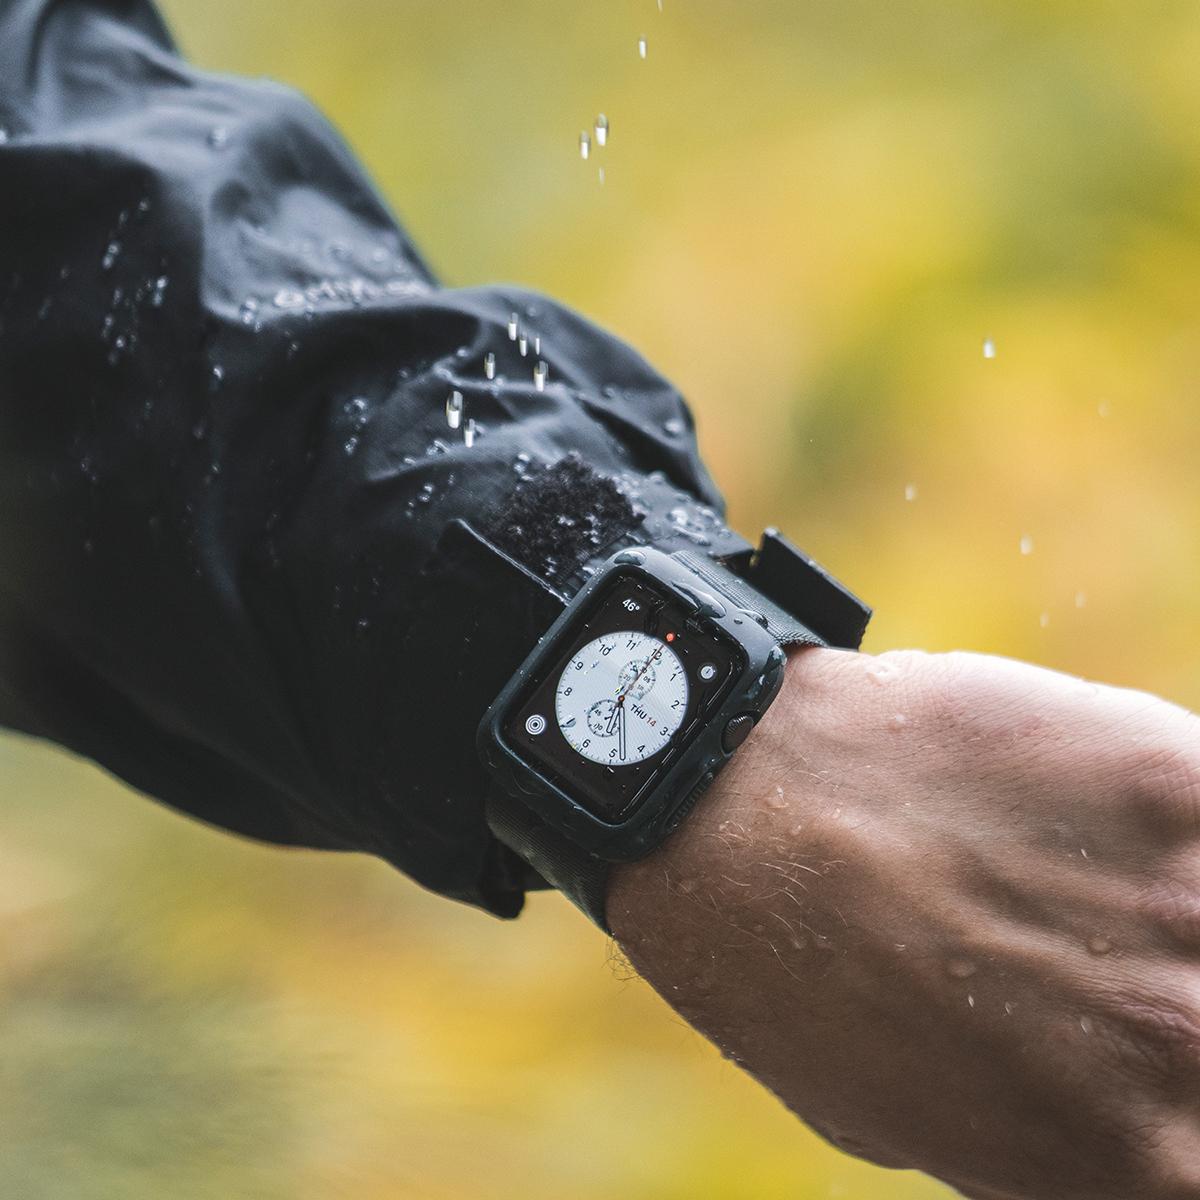 ユタ州の大自然が生んだ「Apple Watchバンド」 | 落下・衝撃・水濡れに強いケース一体型